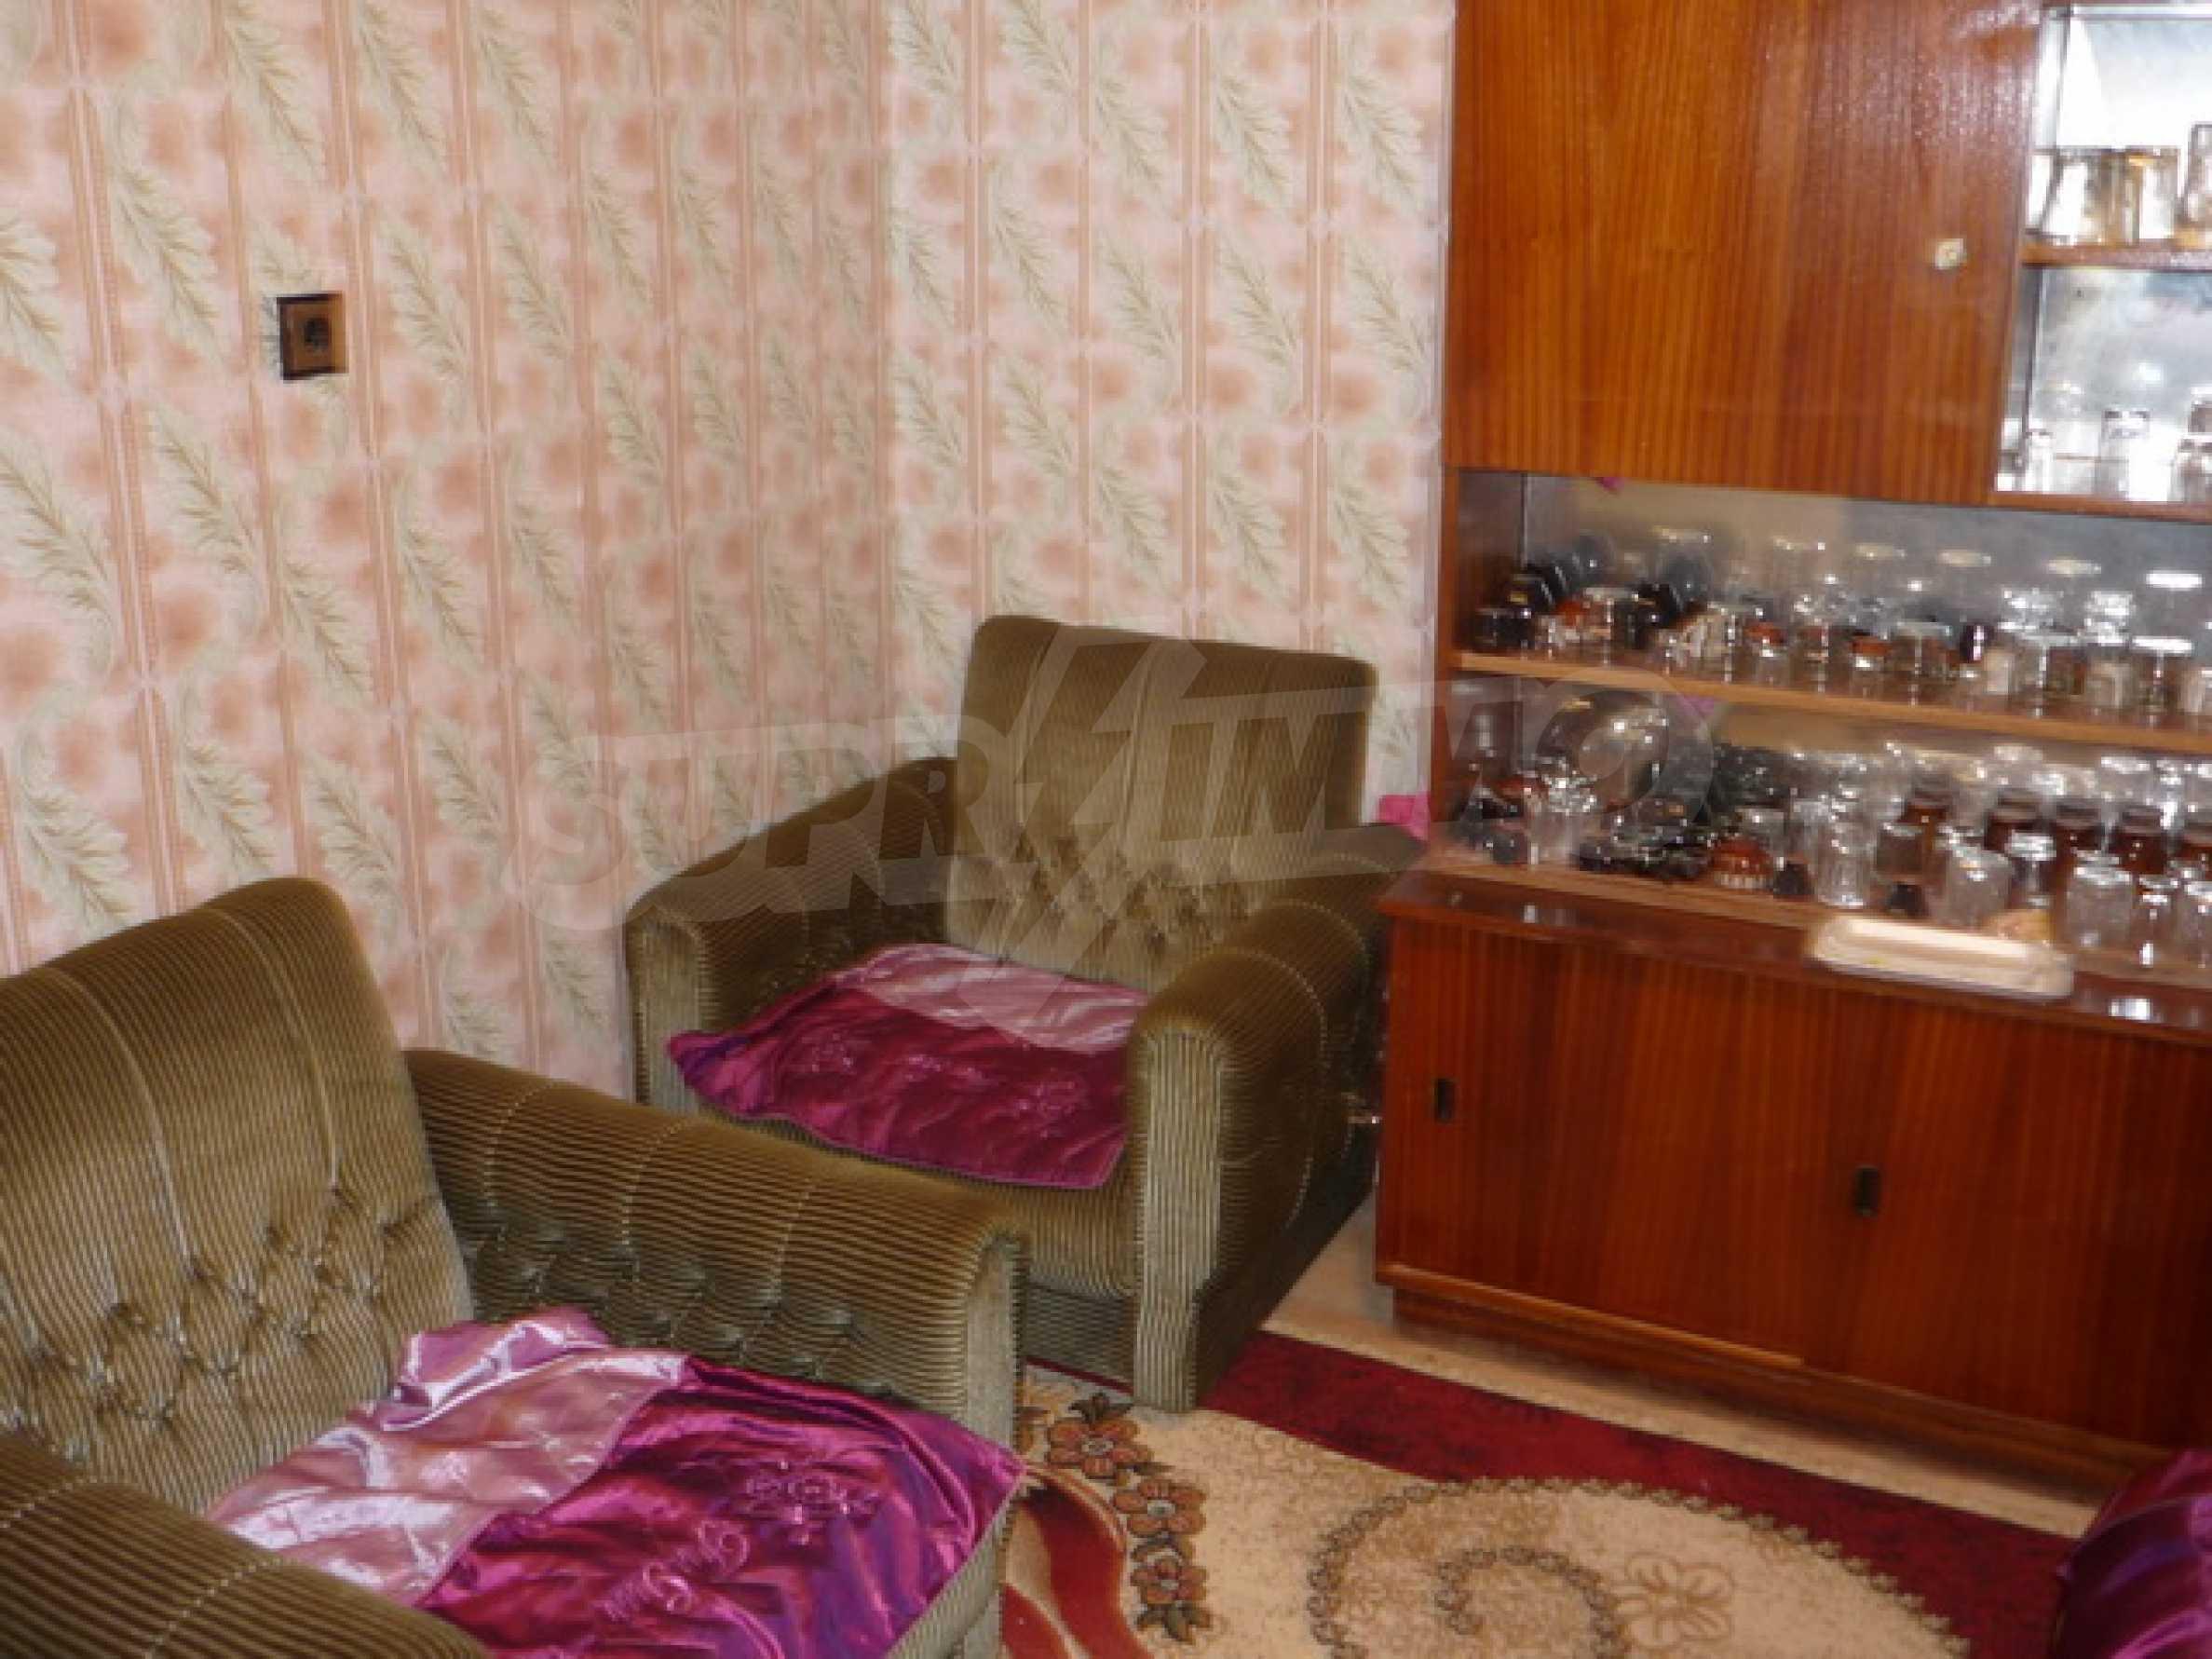 Zweistöckiges Haus zum Verkauf in einem Dorf 40 km von Veliko Tarnovo entfernt 10